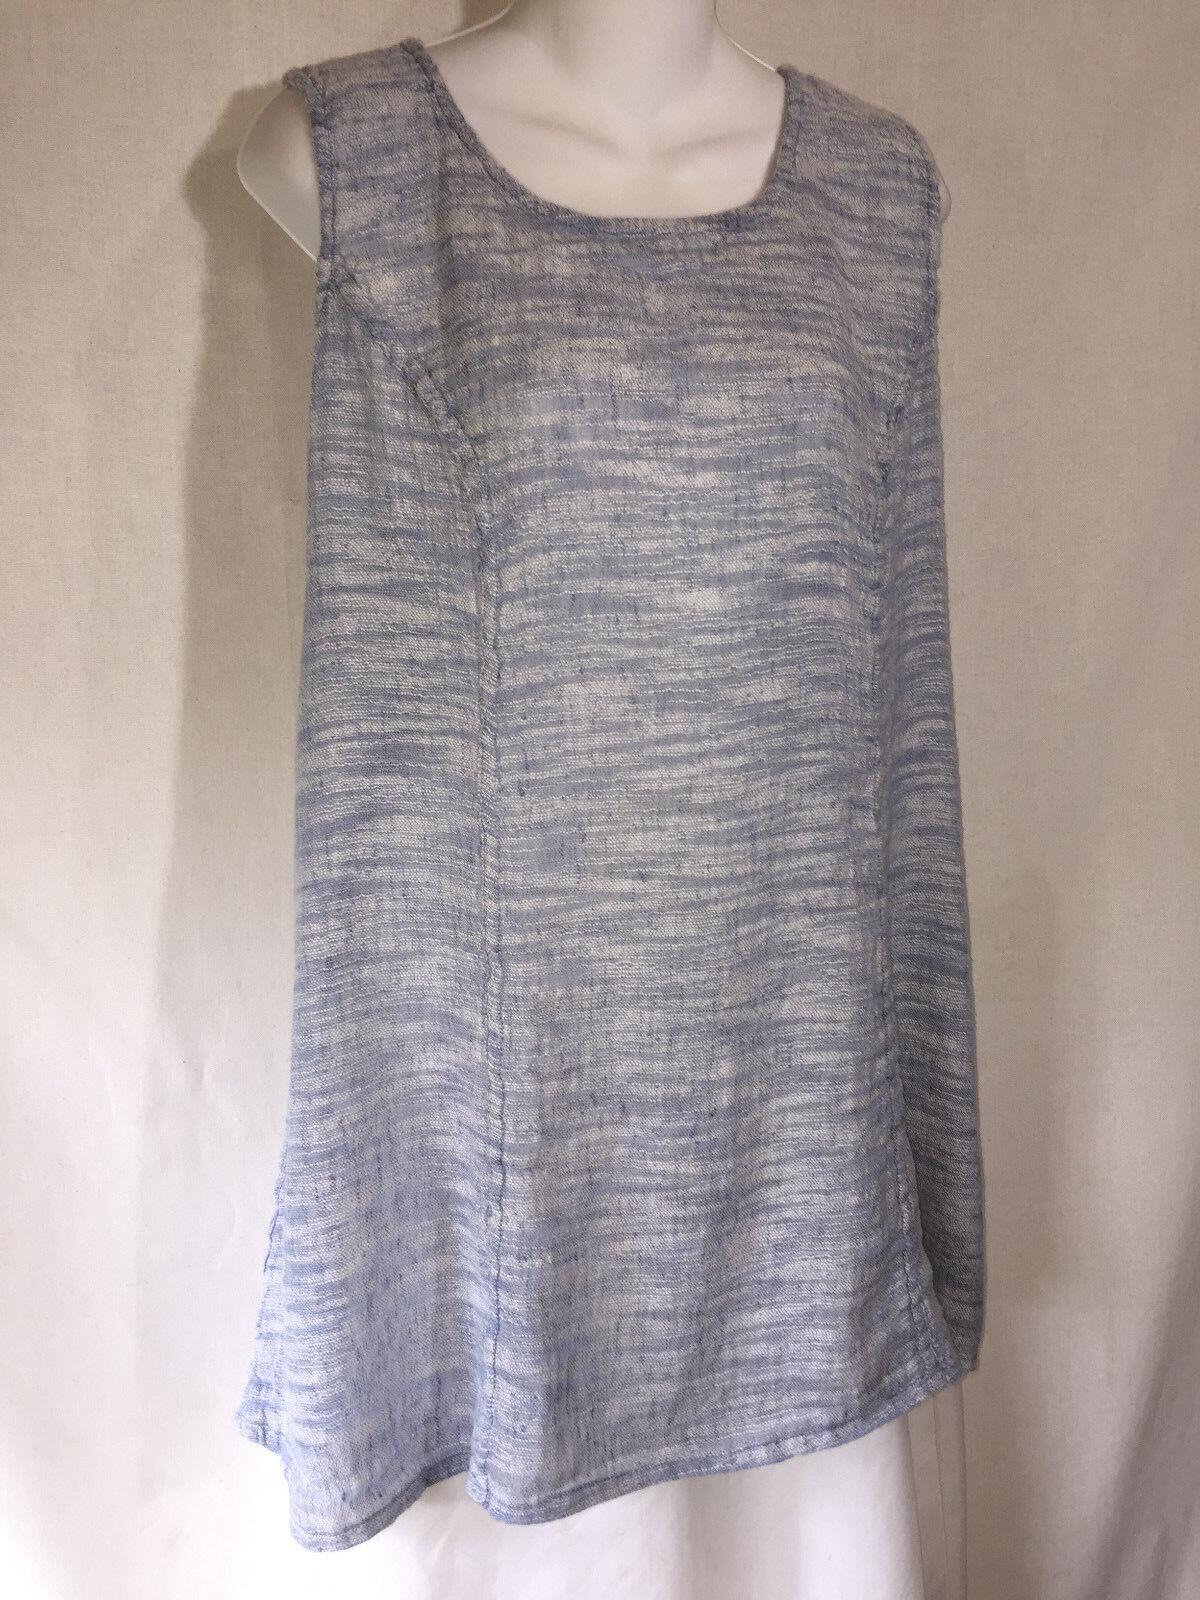 FLAX Engelhart Long Shapely Blau Gauze Linen Lagenlook Tunic Tank Top Shirt L